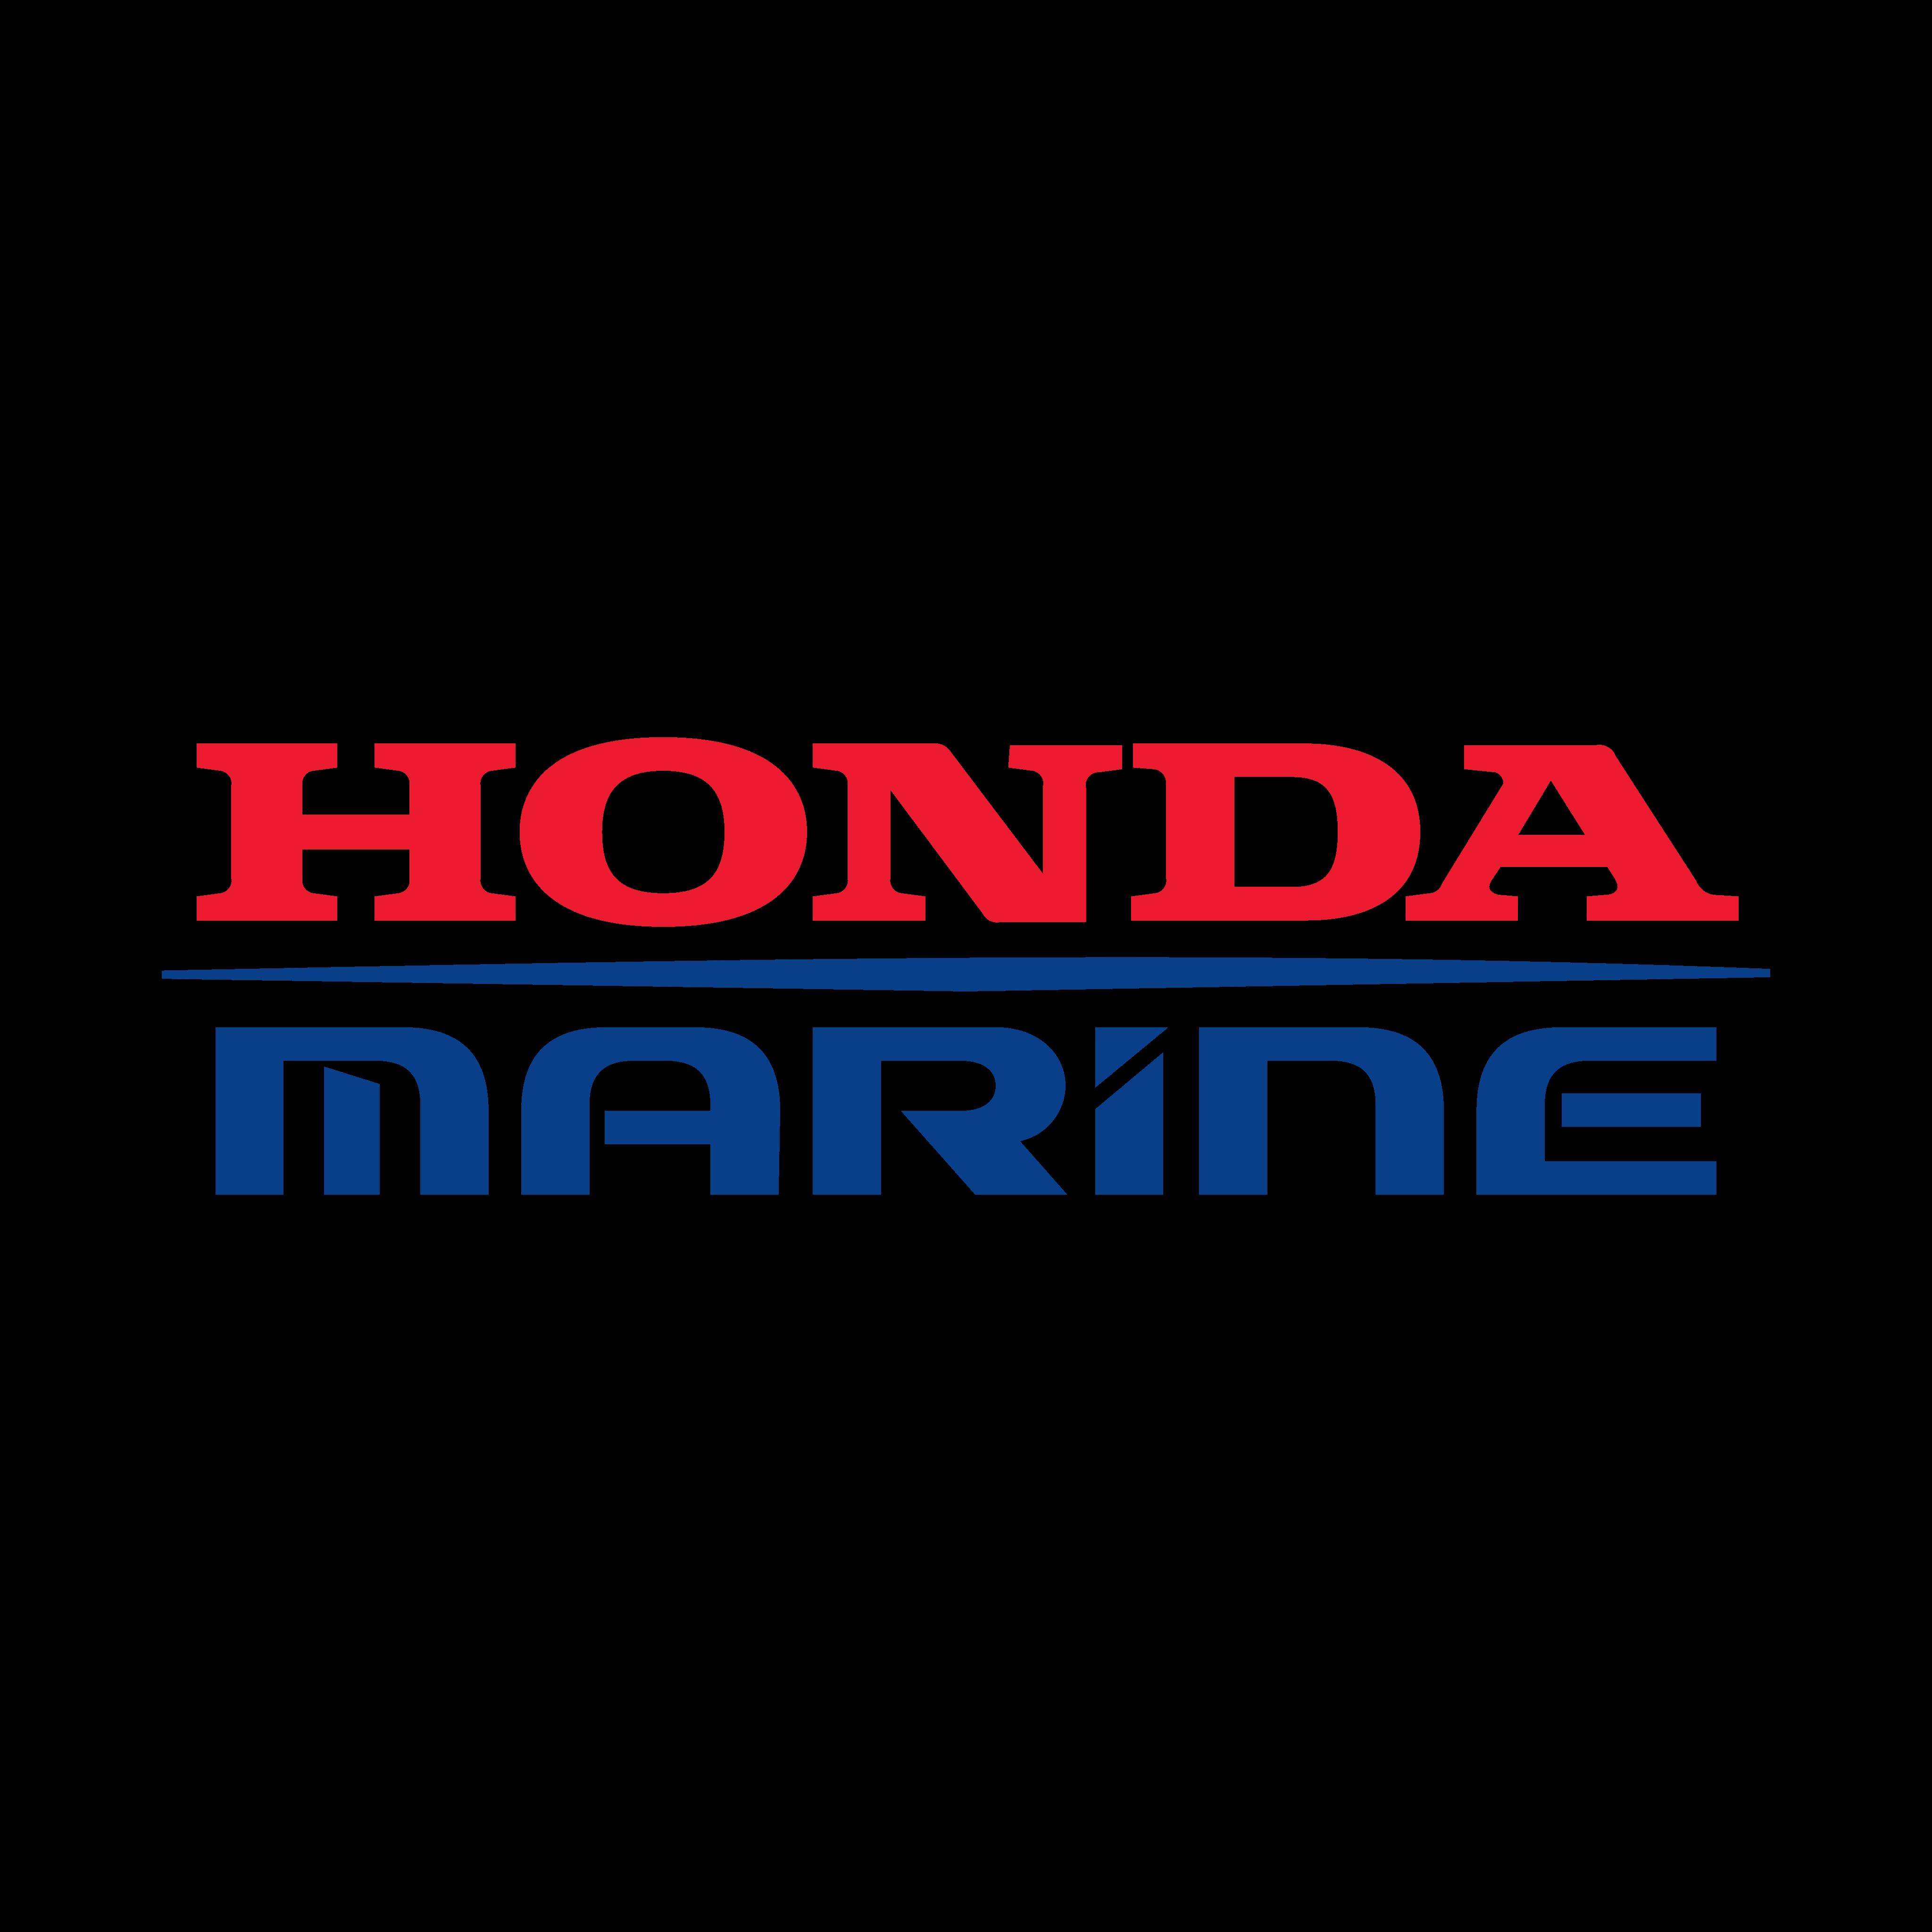 honda marine logo 0 - Honda Marine Logo